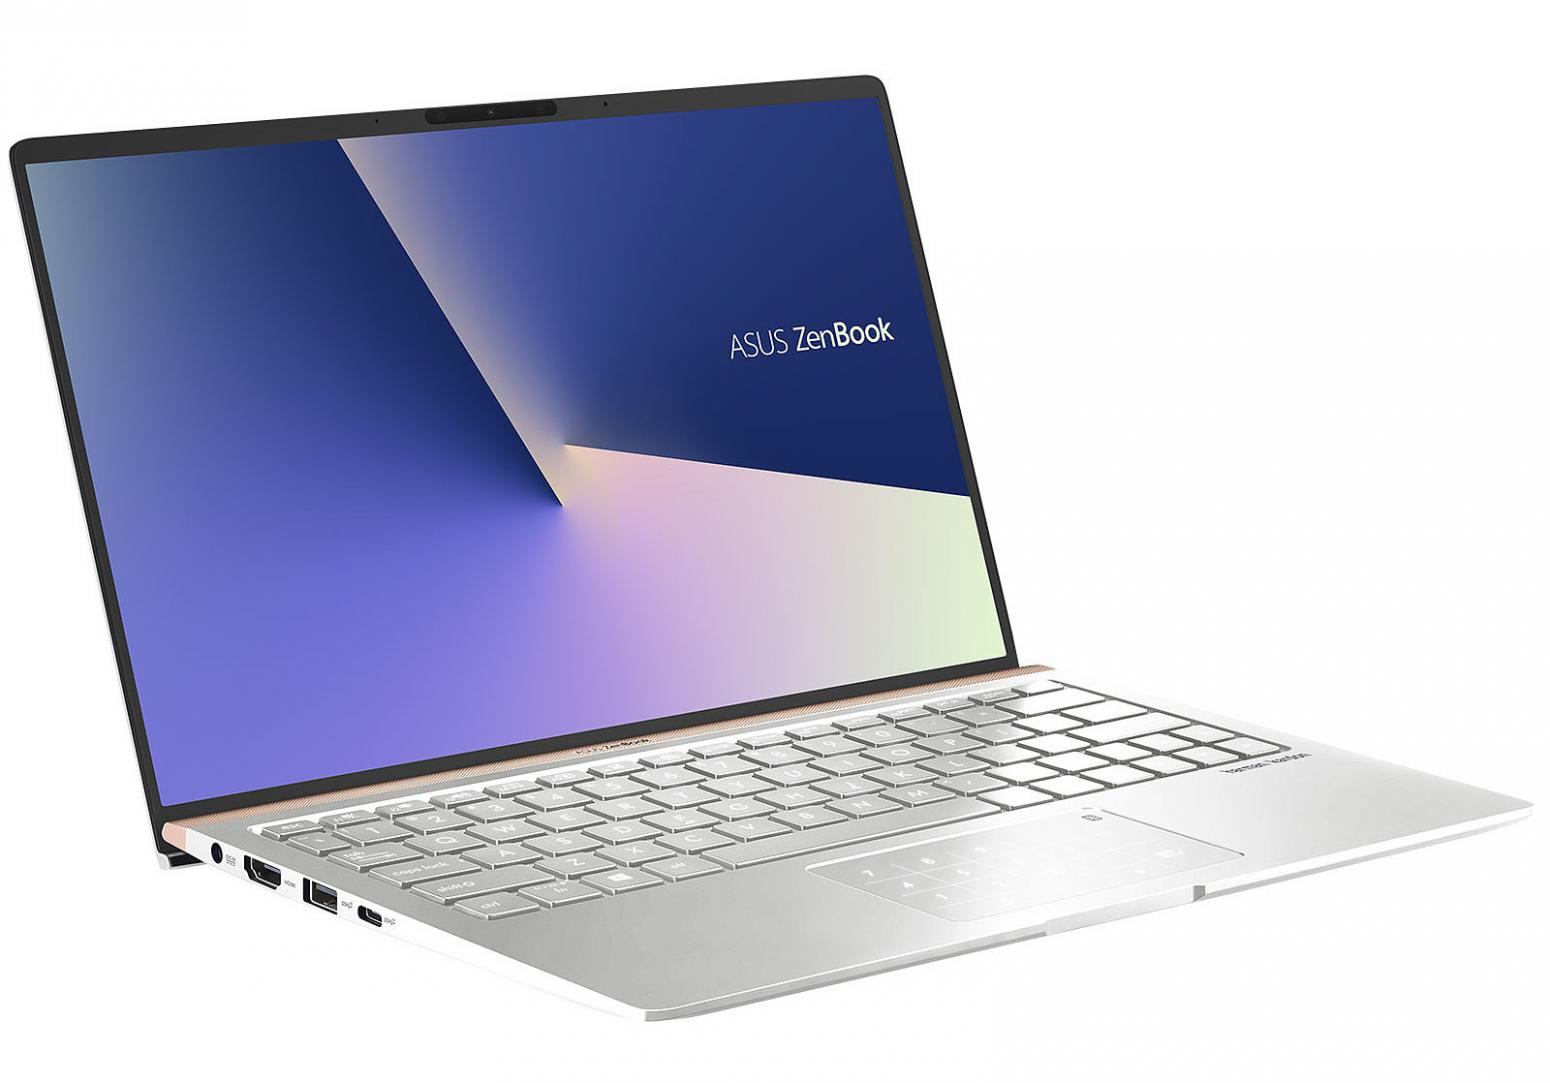 Image du PC portable Asus Zenbook 13 UX333FA-A3132R Argent - NumPad, Pro